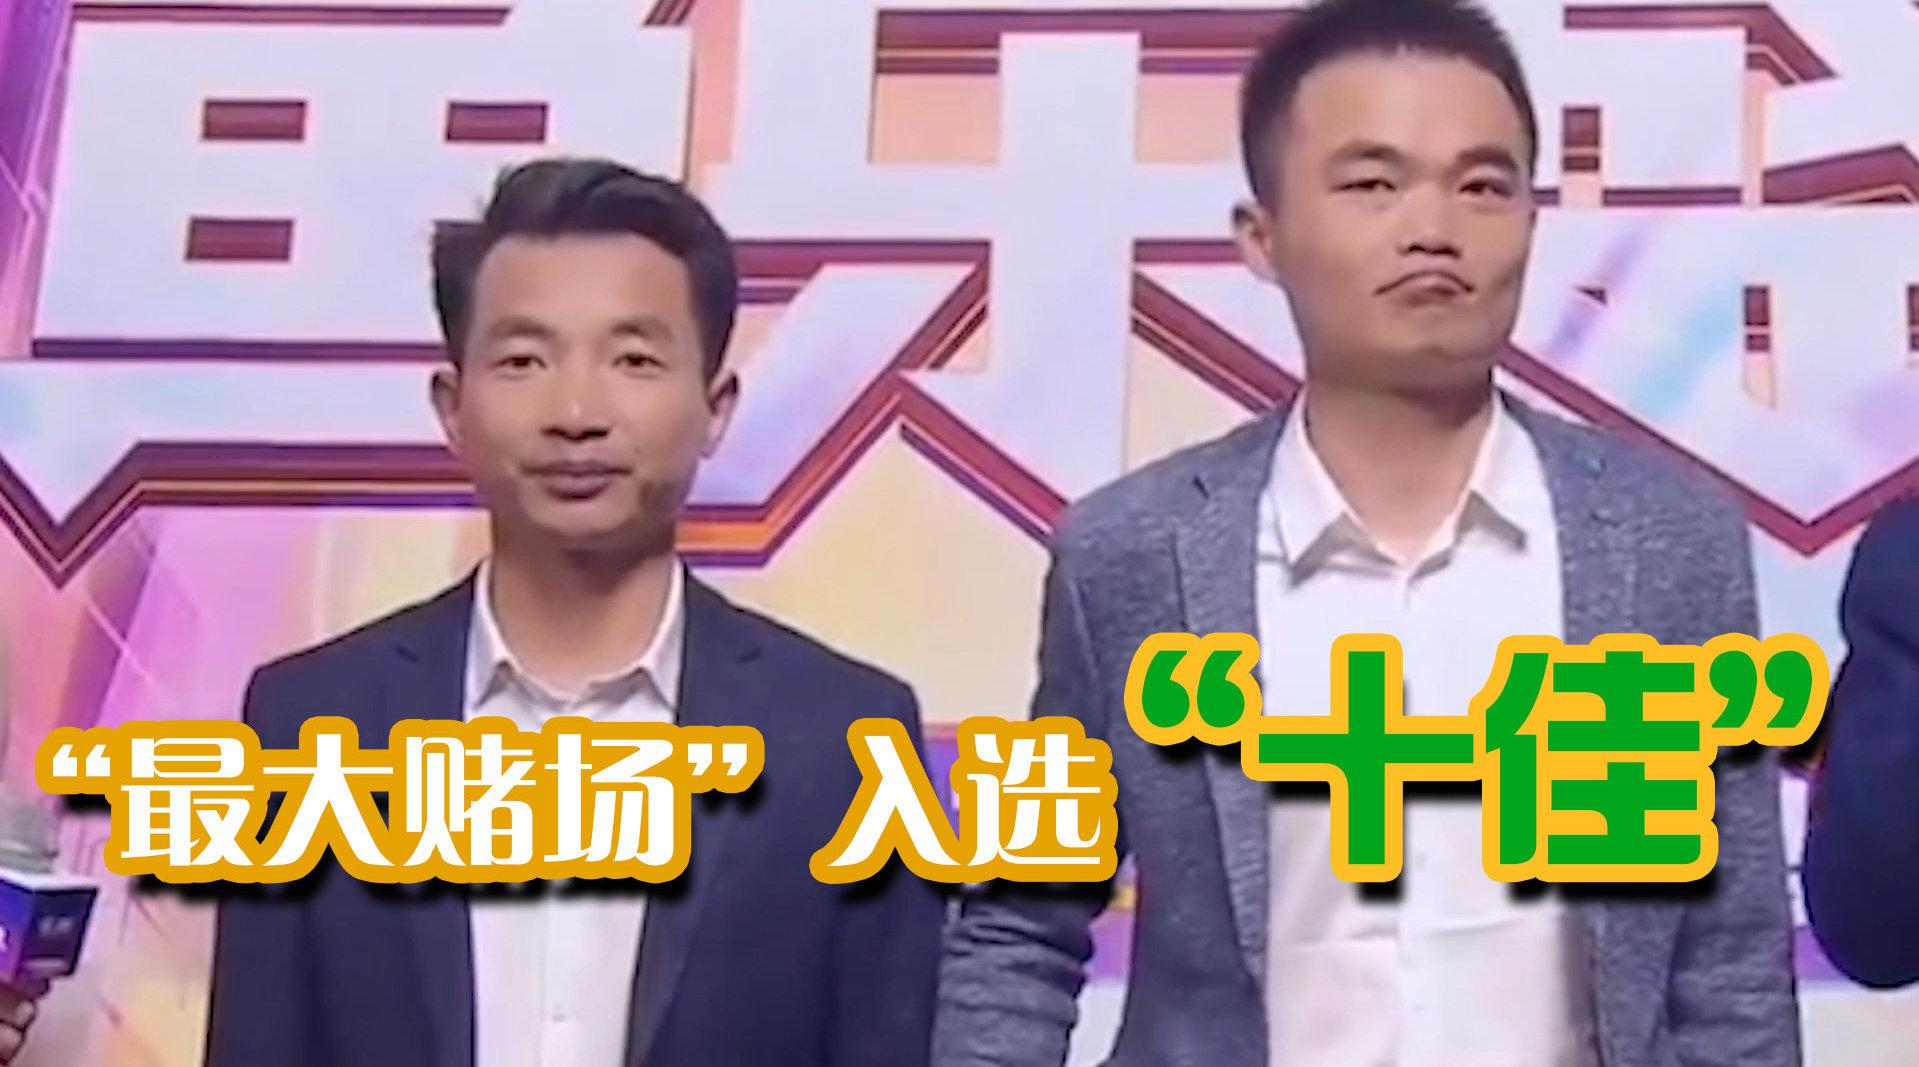 """年吸金1.7亿""""斗鱼最大赌场""""入选斗鱼""""十佳"""" 红毯介绍句句打脸"""